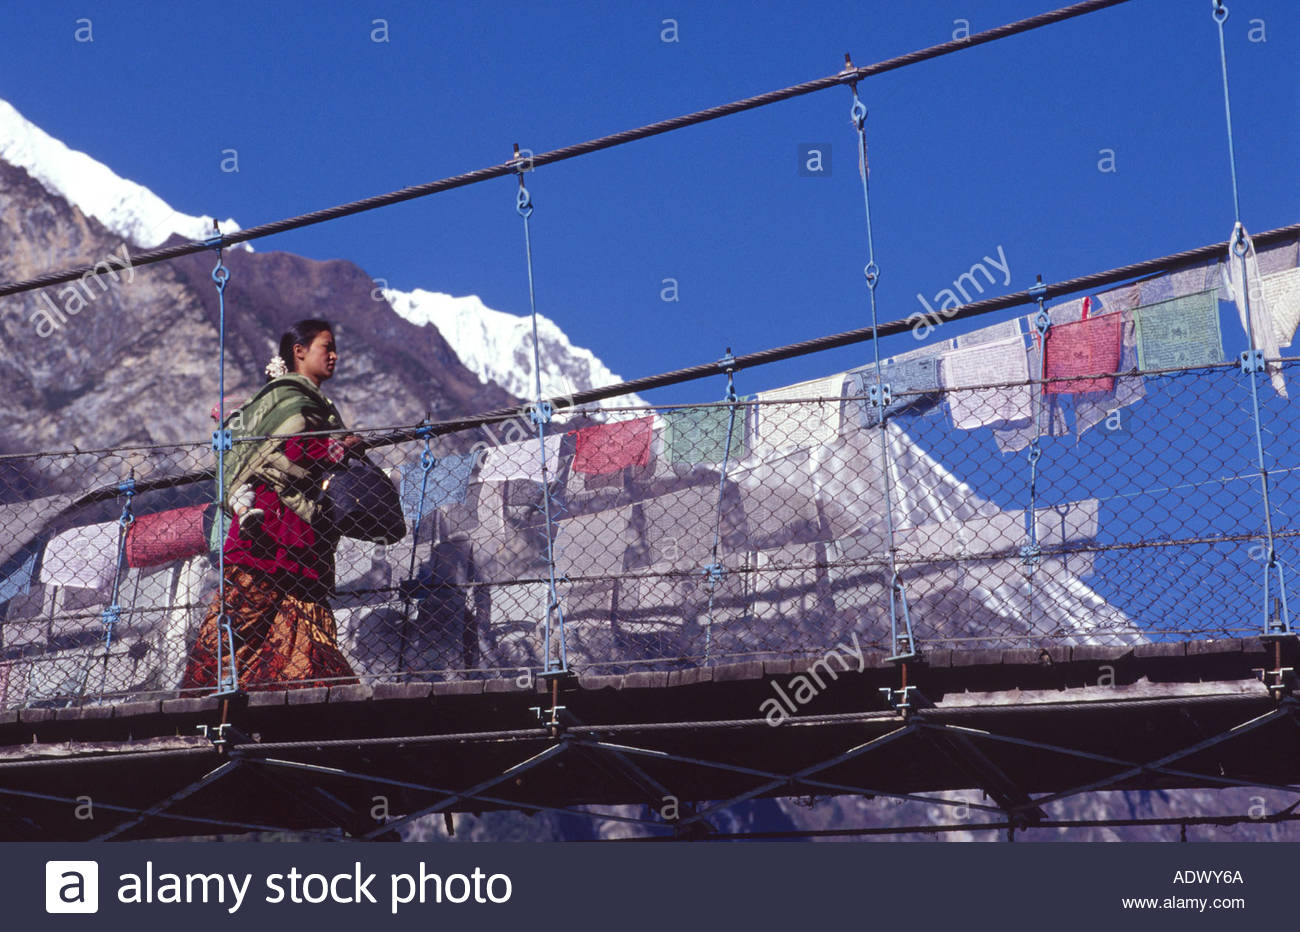 Mujer cruzando un puente colgante, región de Annapurna, Nepal Imagen De Stock